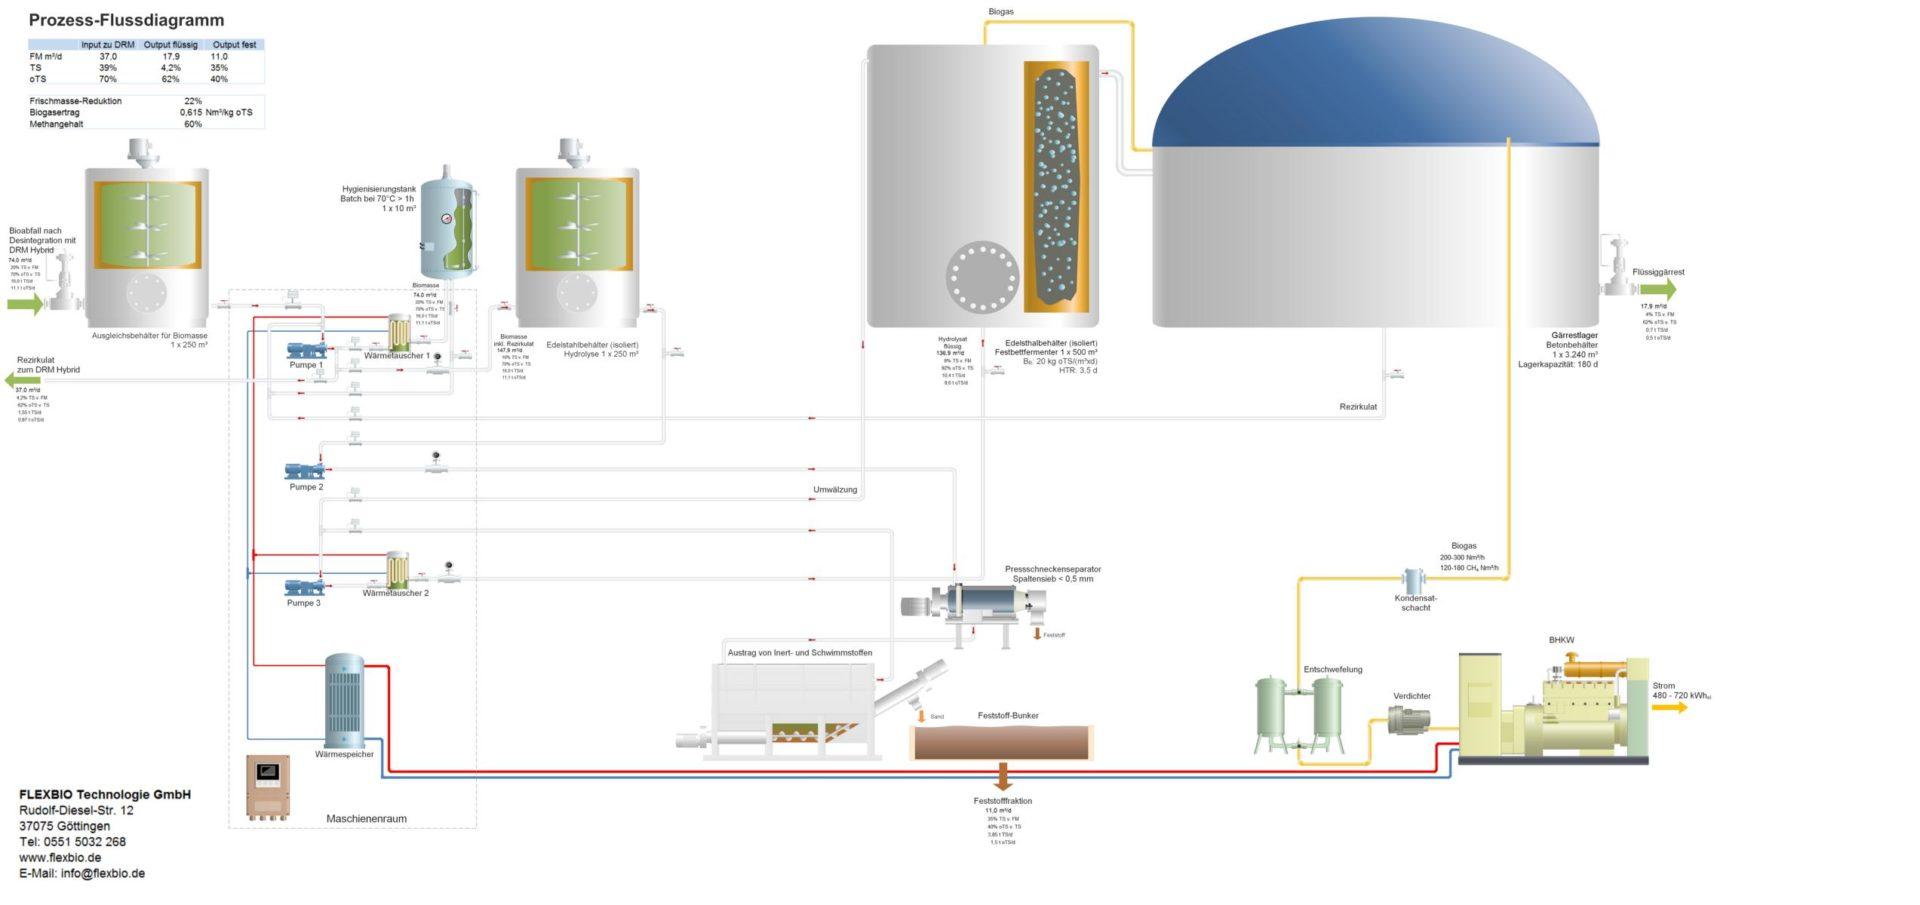 Fließdiagramm eines Bioabfall Vergärung Prozesses